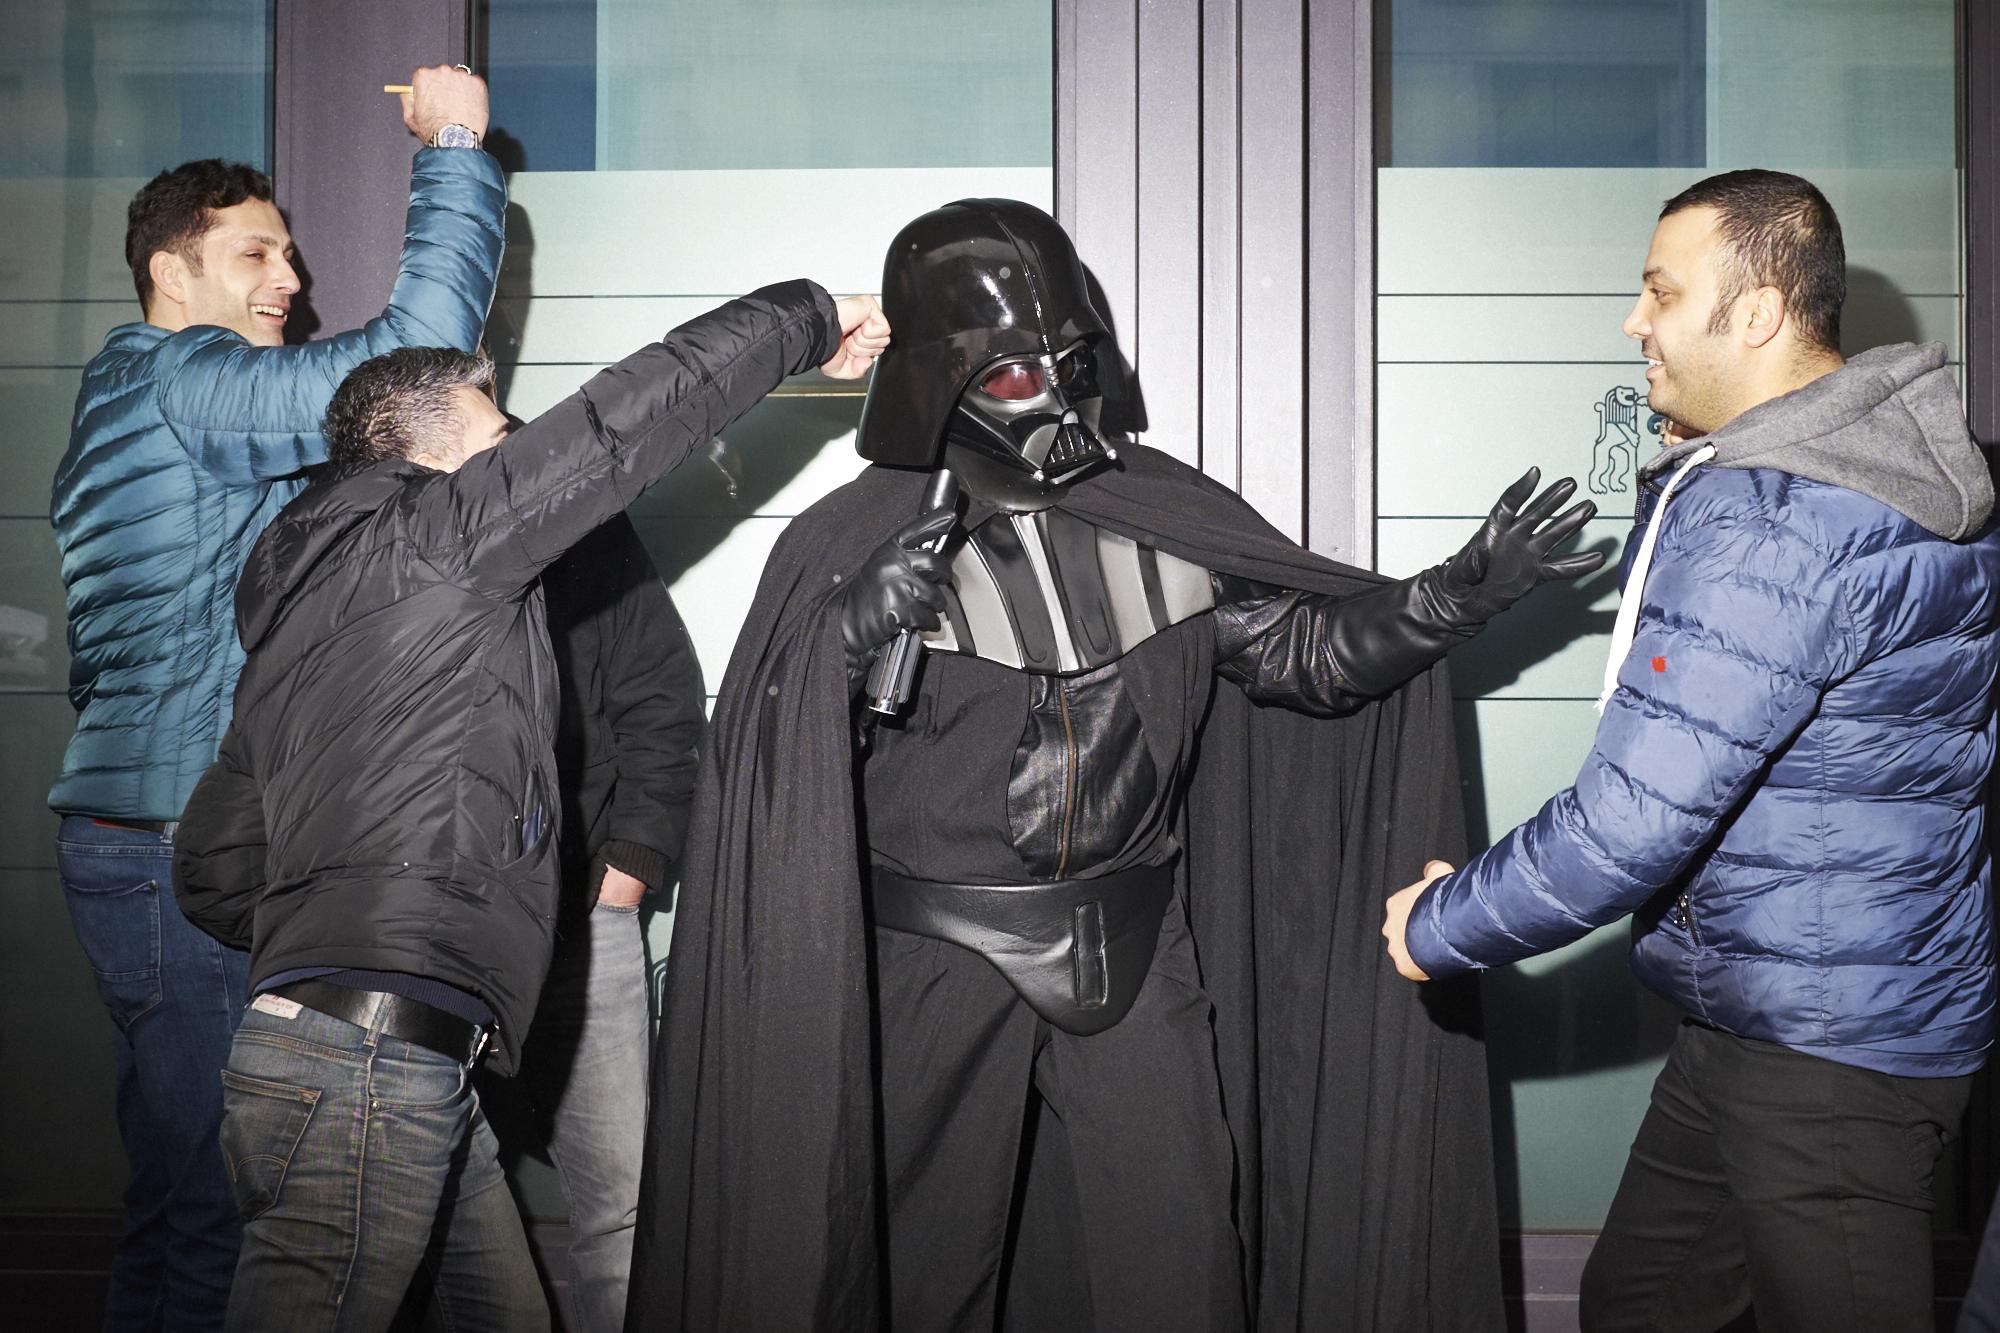 Und wir dachten schon, Darth Vader sei Uber-Fahrer. Aber es war dann doch nur ein verkleideter Kollege.